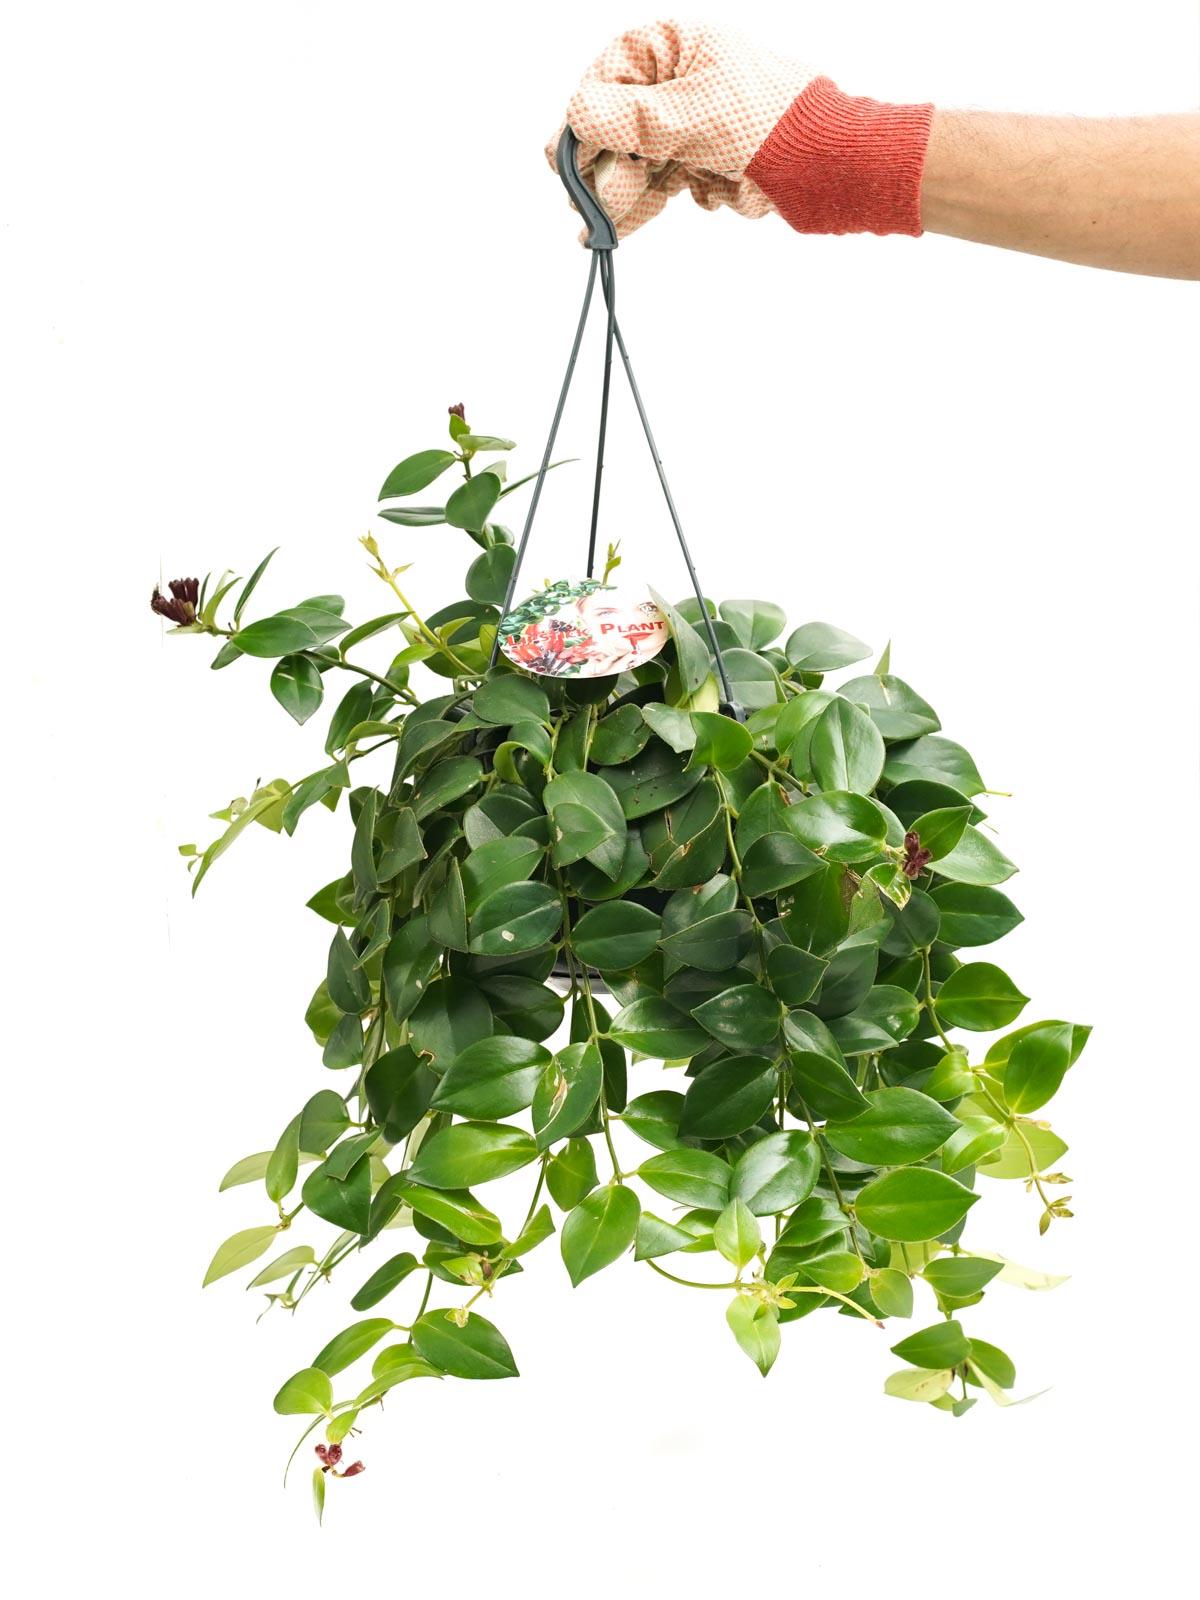 Aeschynanthus MonaLisa 'Indoor Plants'